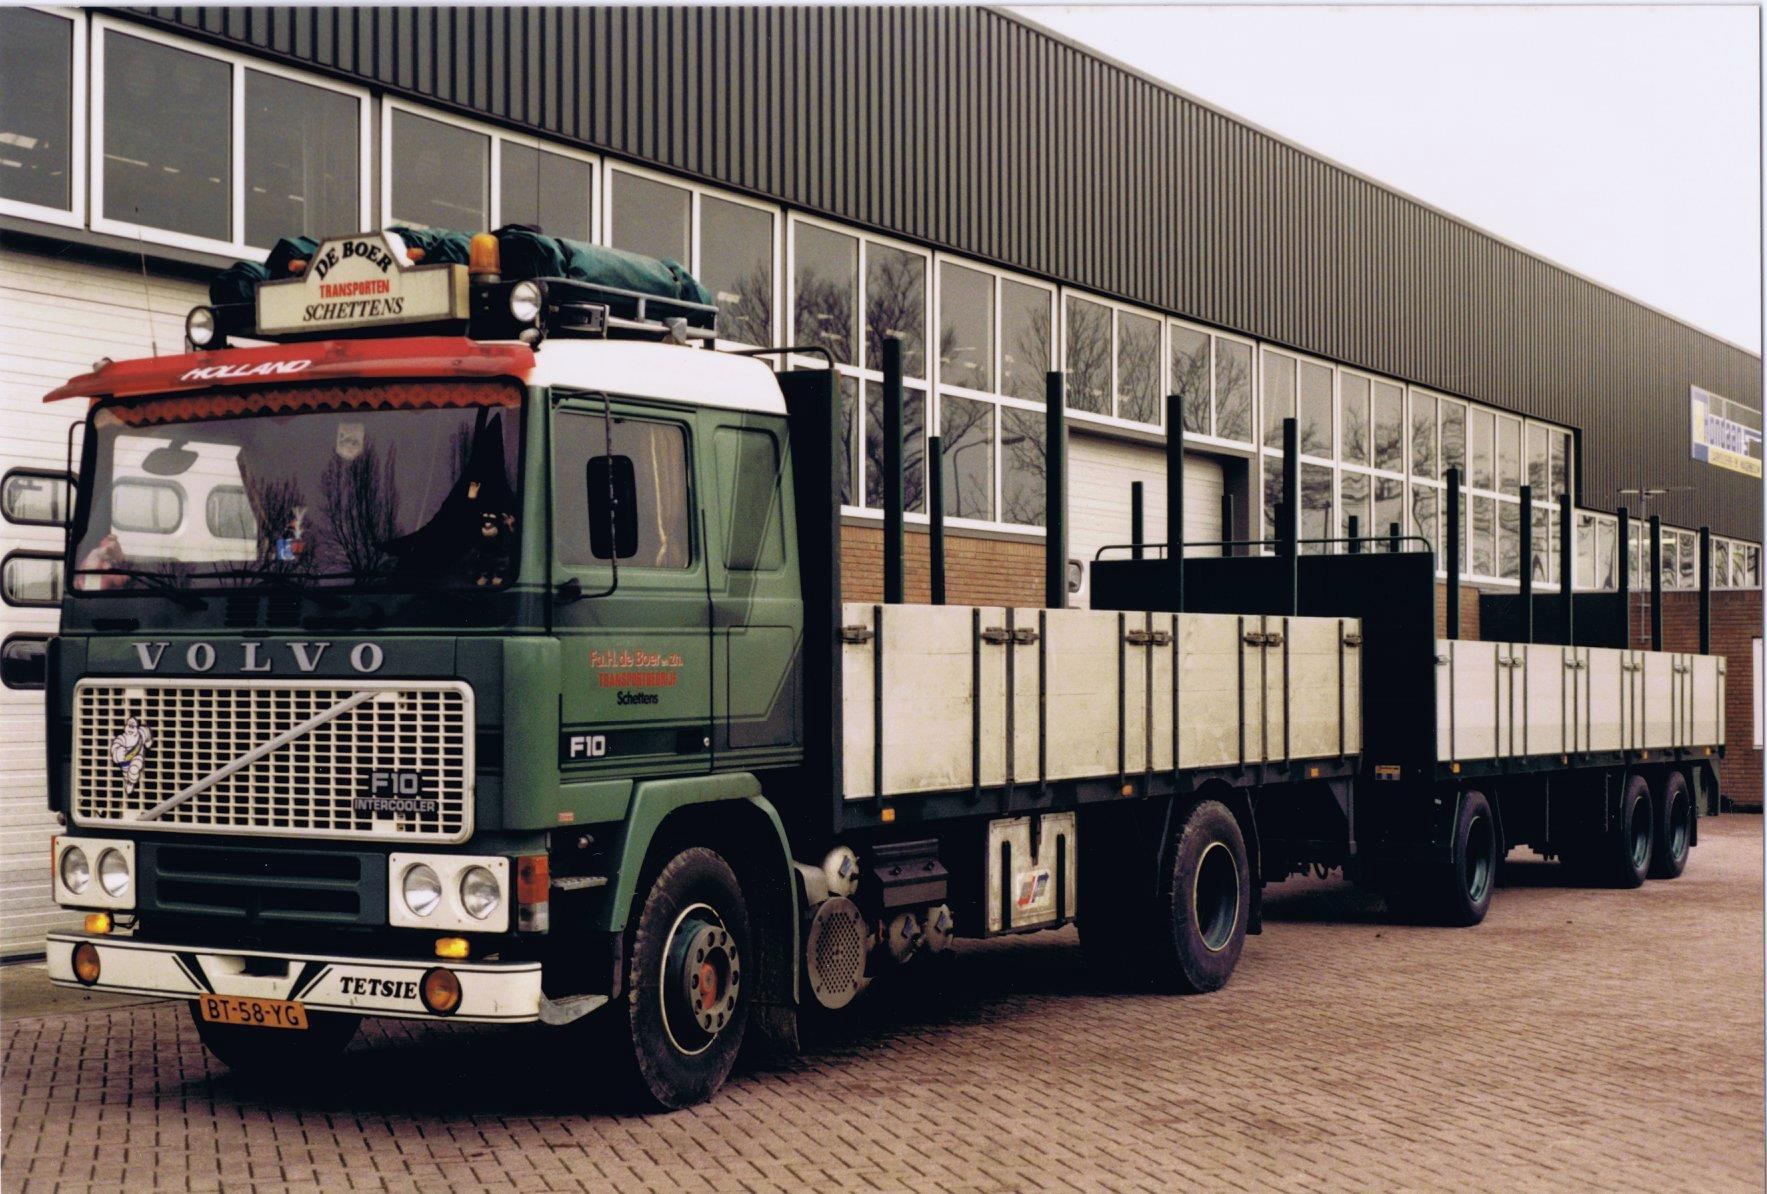 Volvo-F10-en-een-RAF-Tandemas-aanhangwagen-zijn-door-Rondaan-in-Berlikum-voor-Fa--H.De-Boer-Transportbedrijf-uit-Schettens-Lolle-Rondaan-foto-1